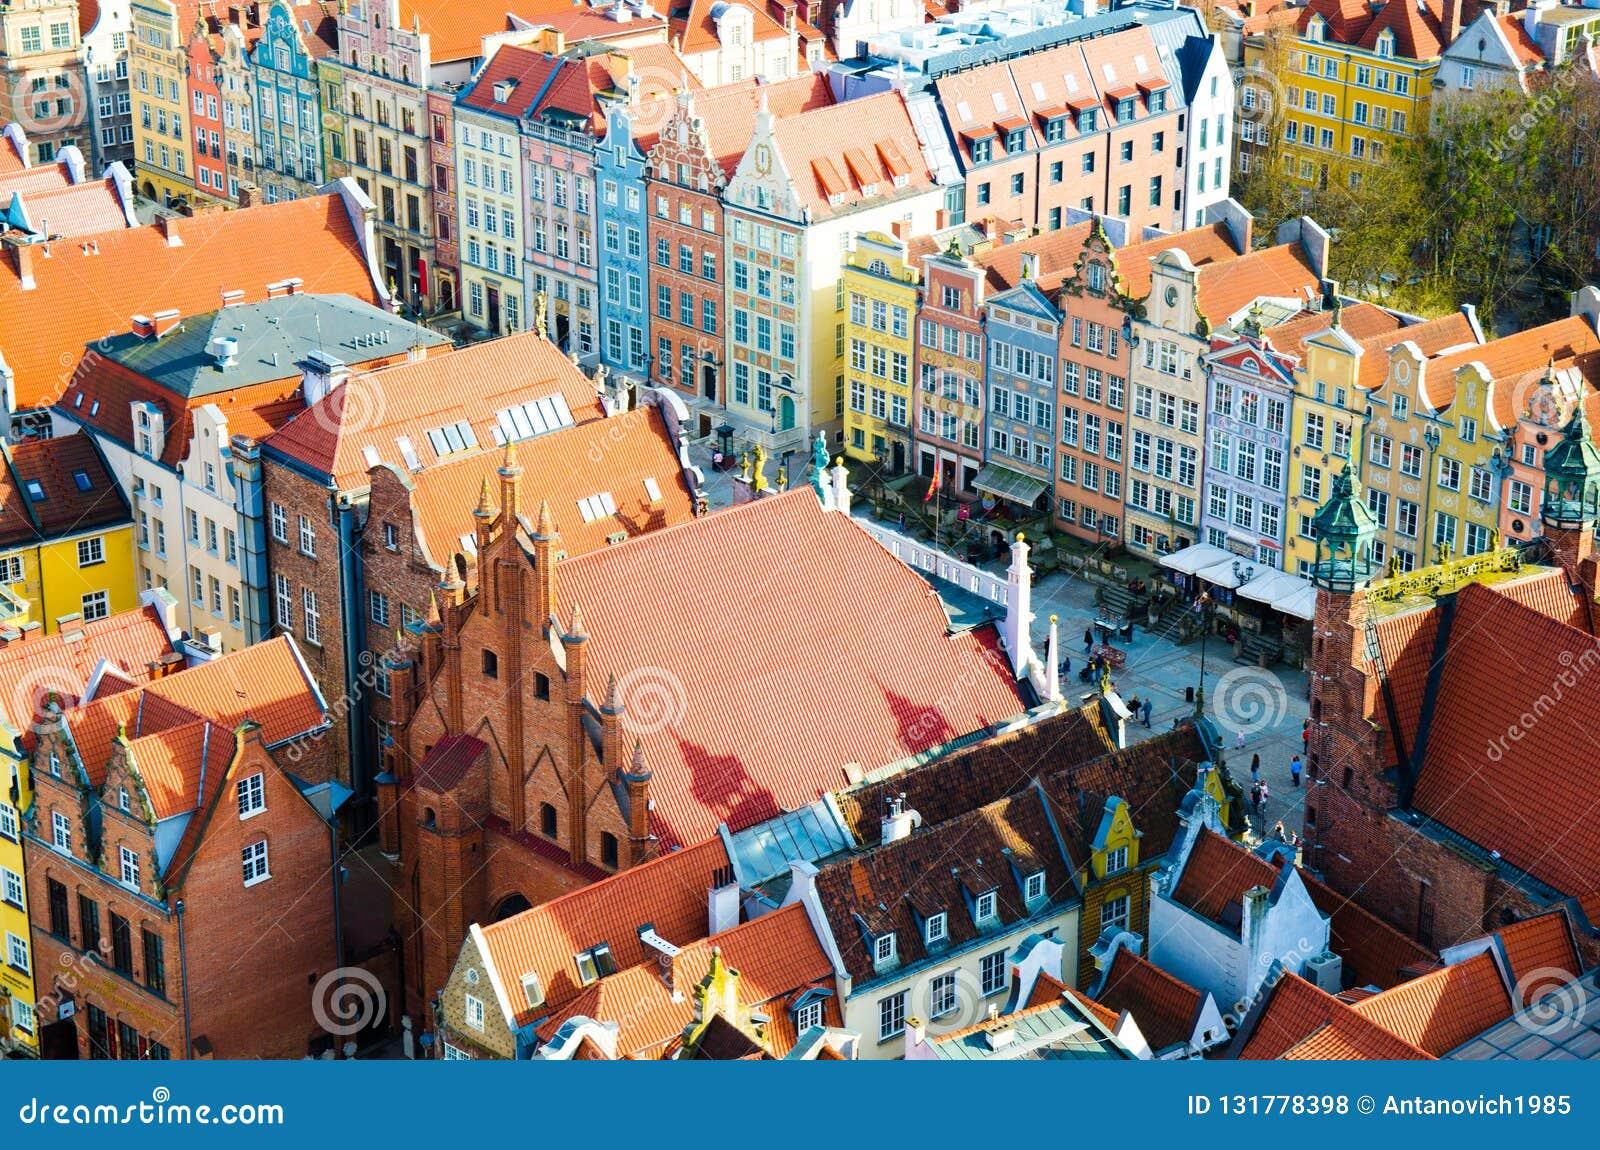 Vue aérienne du vieux centre de ville historique, bâtiments de maisons multicolores colorés typiques de façades à la rue de march